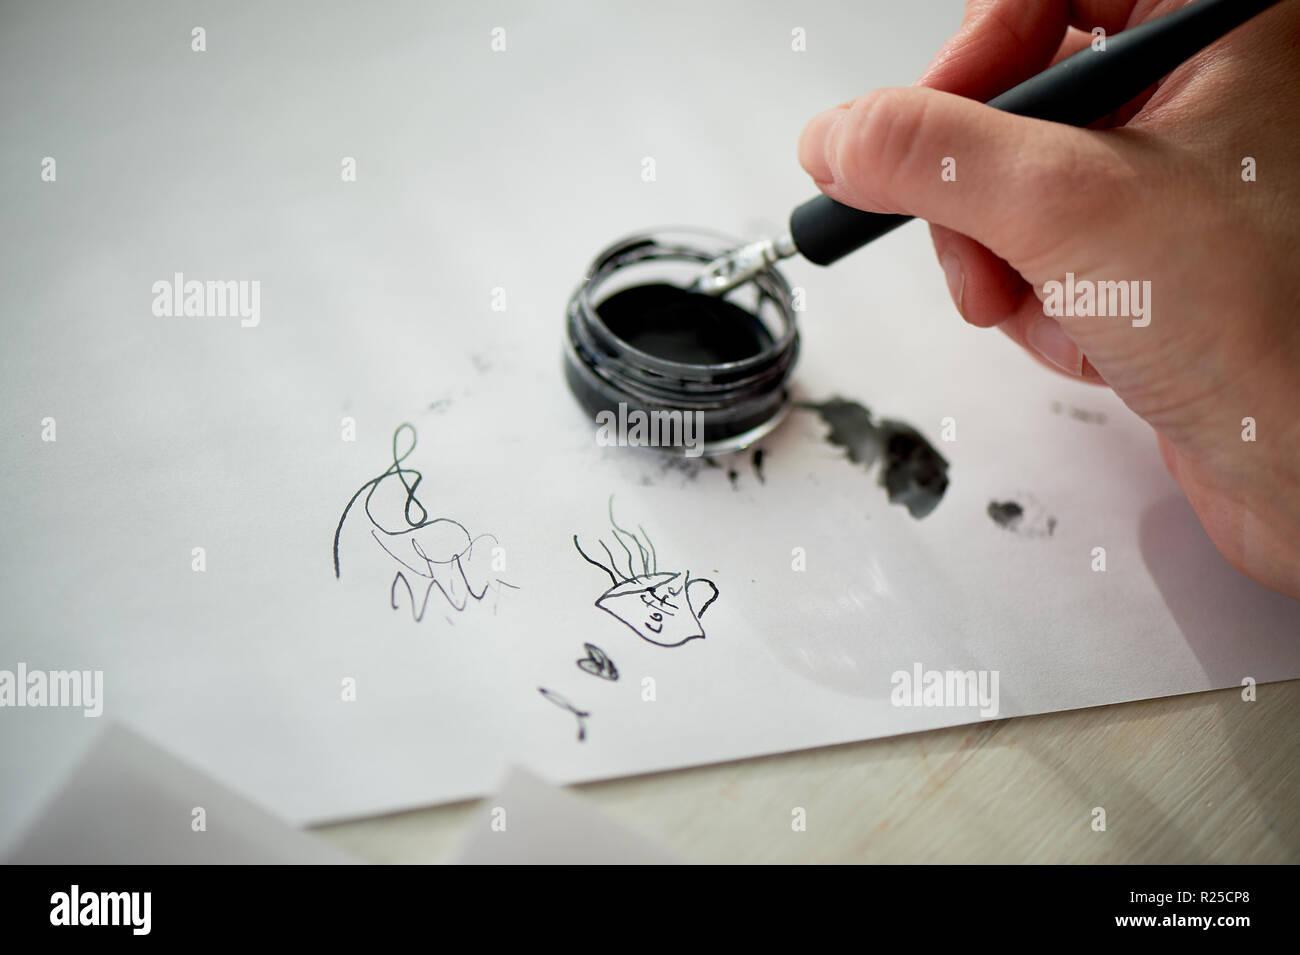 Die Hand einer Frau schreibt mit Tinte, einen Füllfederhalter. Schreiben. Der kreative Prozess der Erstellung einer Arbeit Stockbild